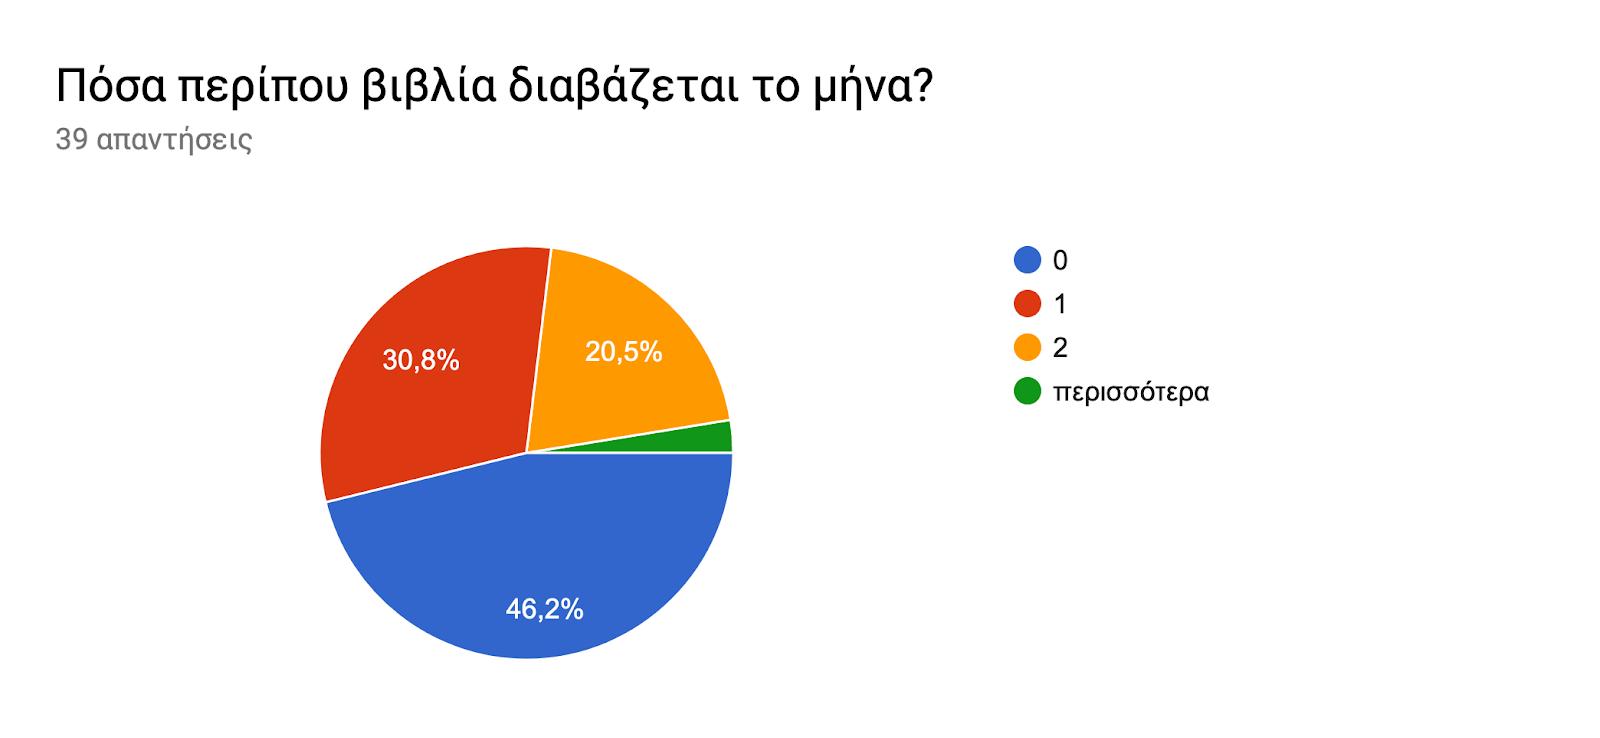 Γράφημα απάντησης φορμών. Τίτλος ερωτήματος: Πόσα περίπου βιβλία διαβάζεται το μήνα?. Αριθμός απαντήσεων: 39 απαντήσεις.